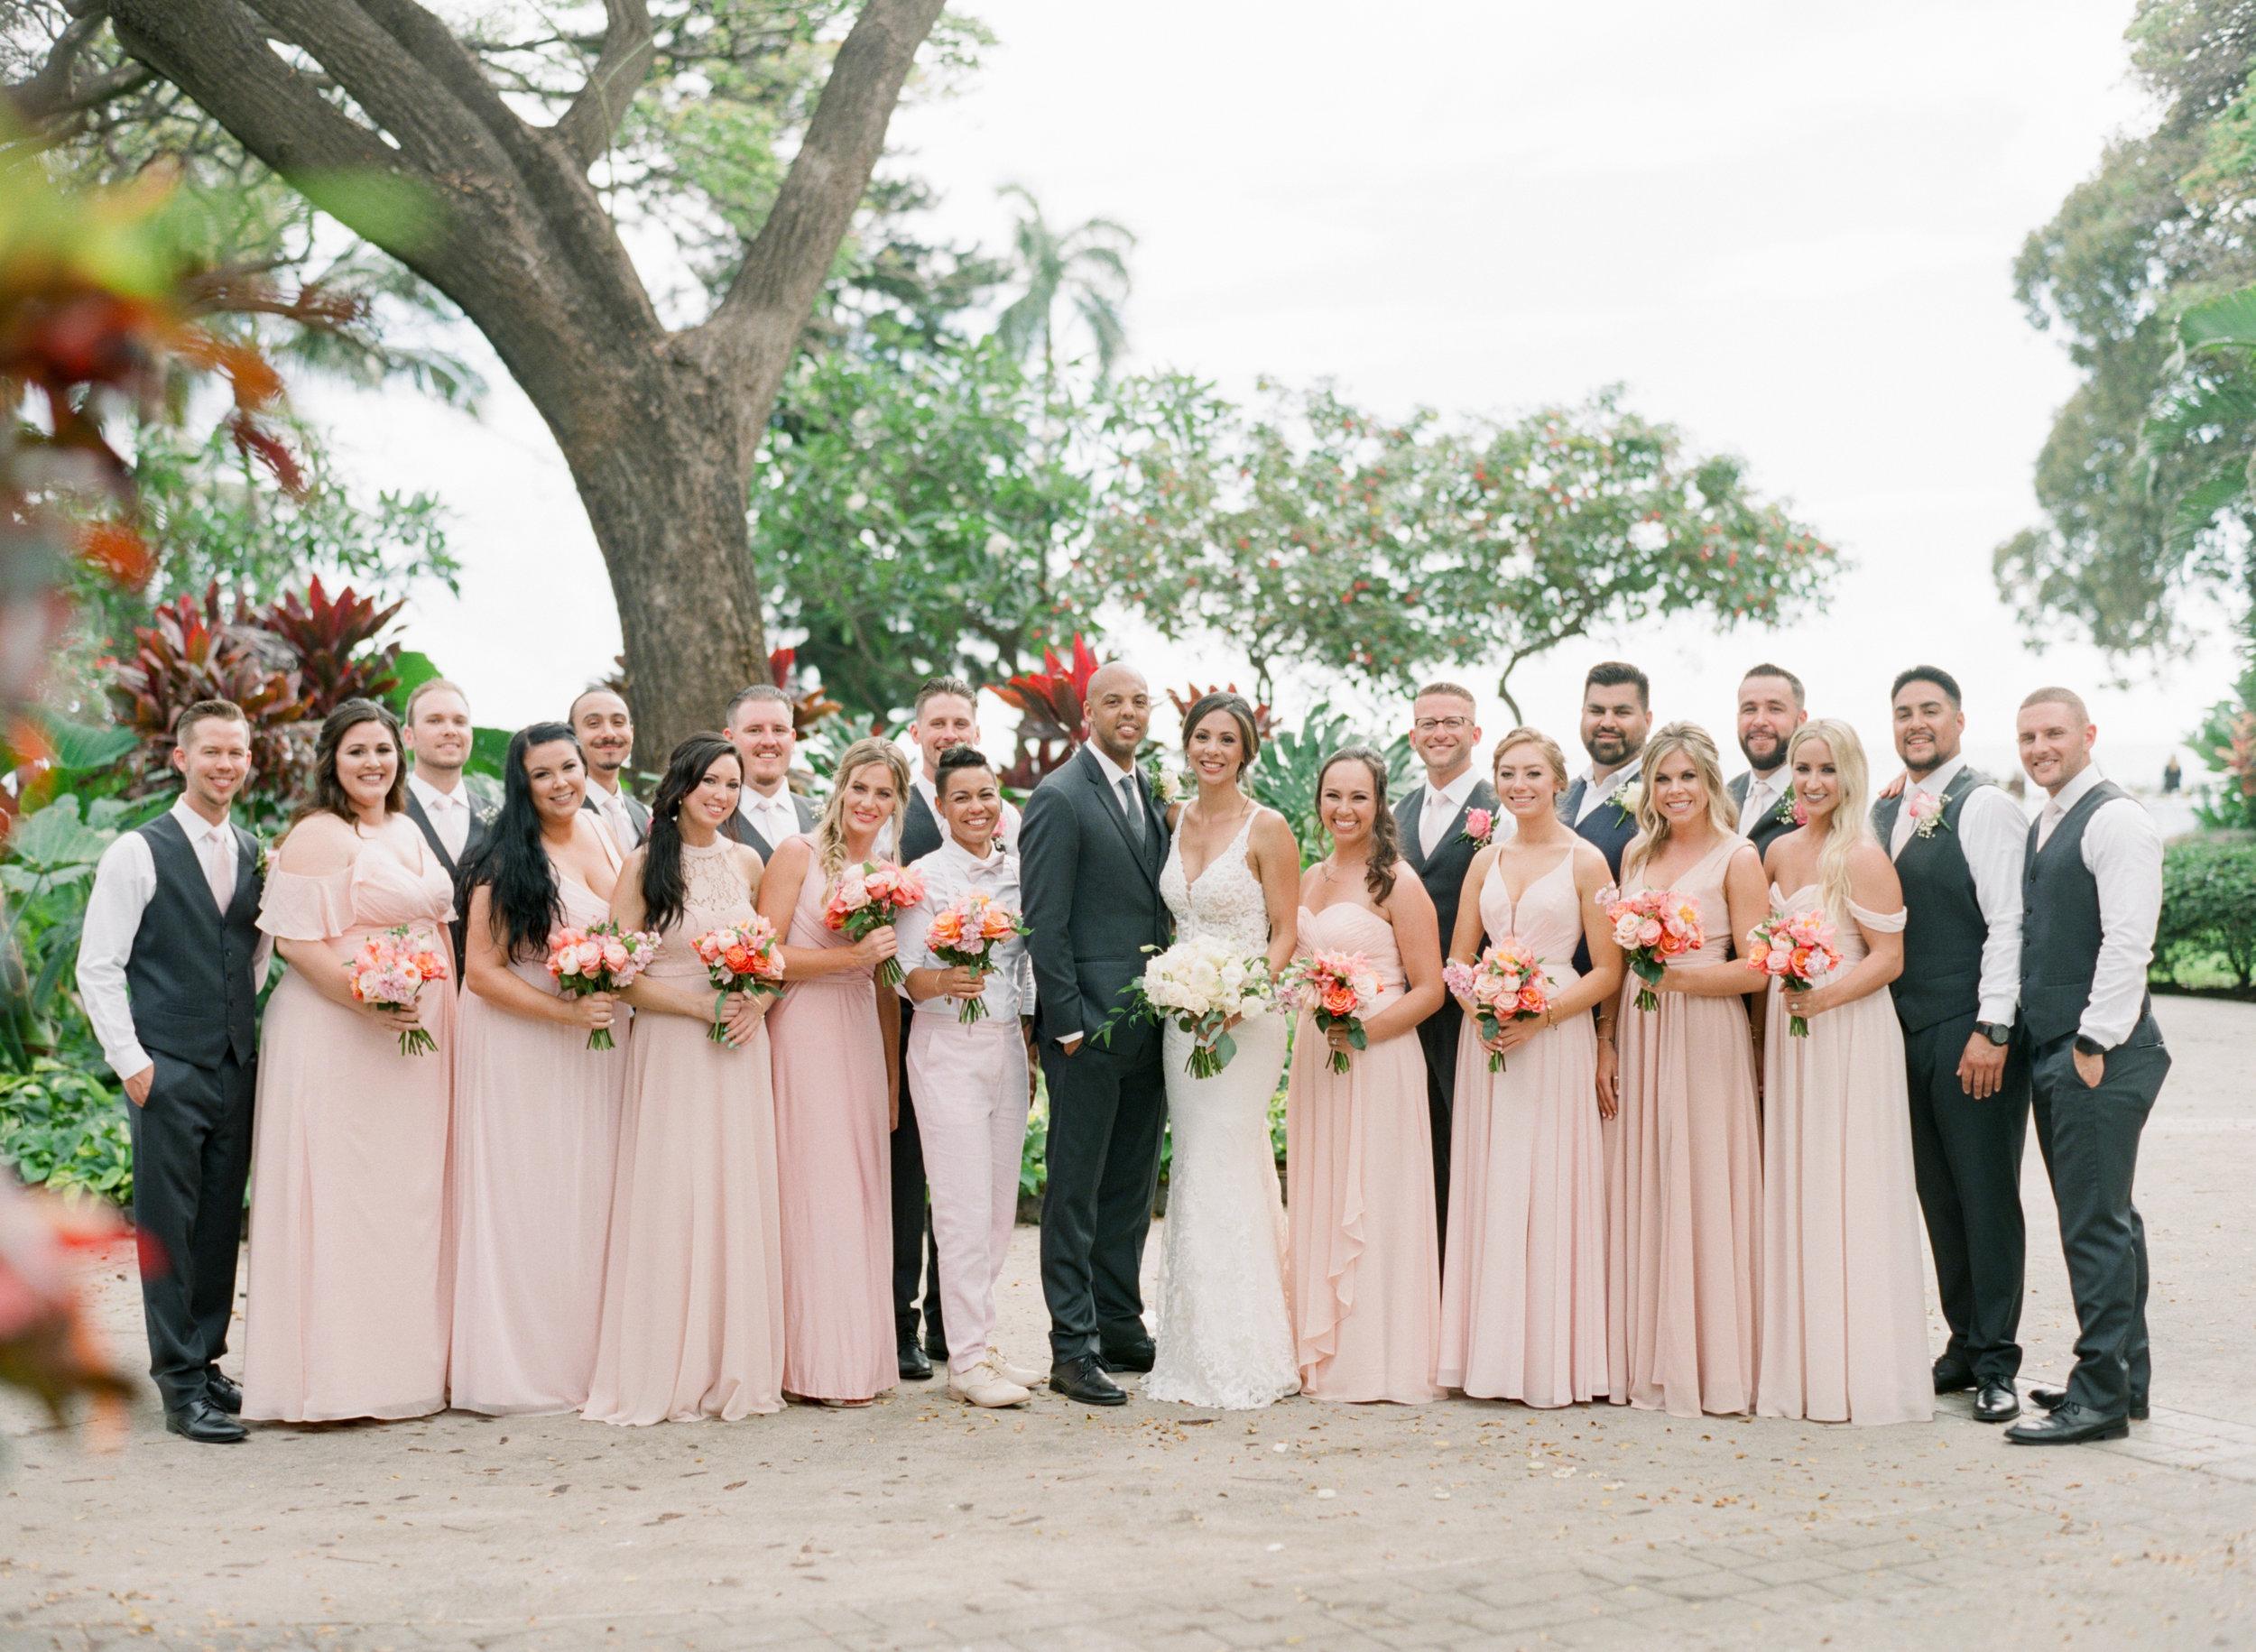 Olowalu-plantation-house-maui-hawaii-wedding-97.jpg